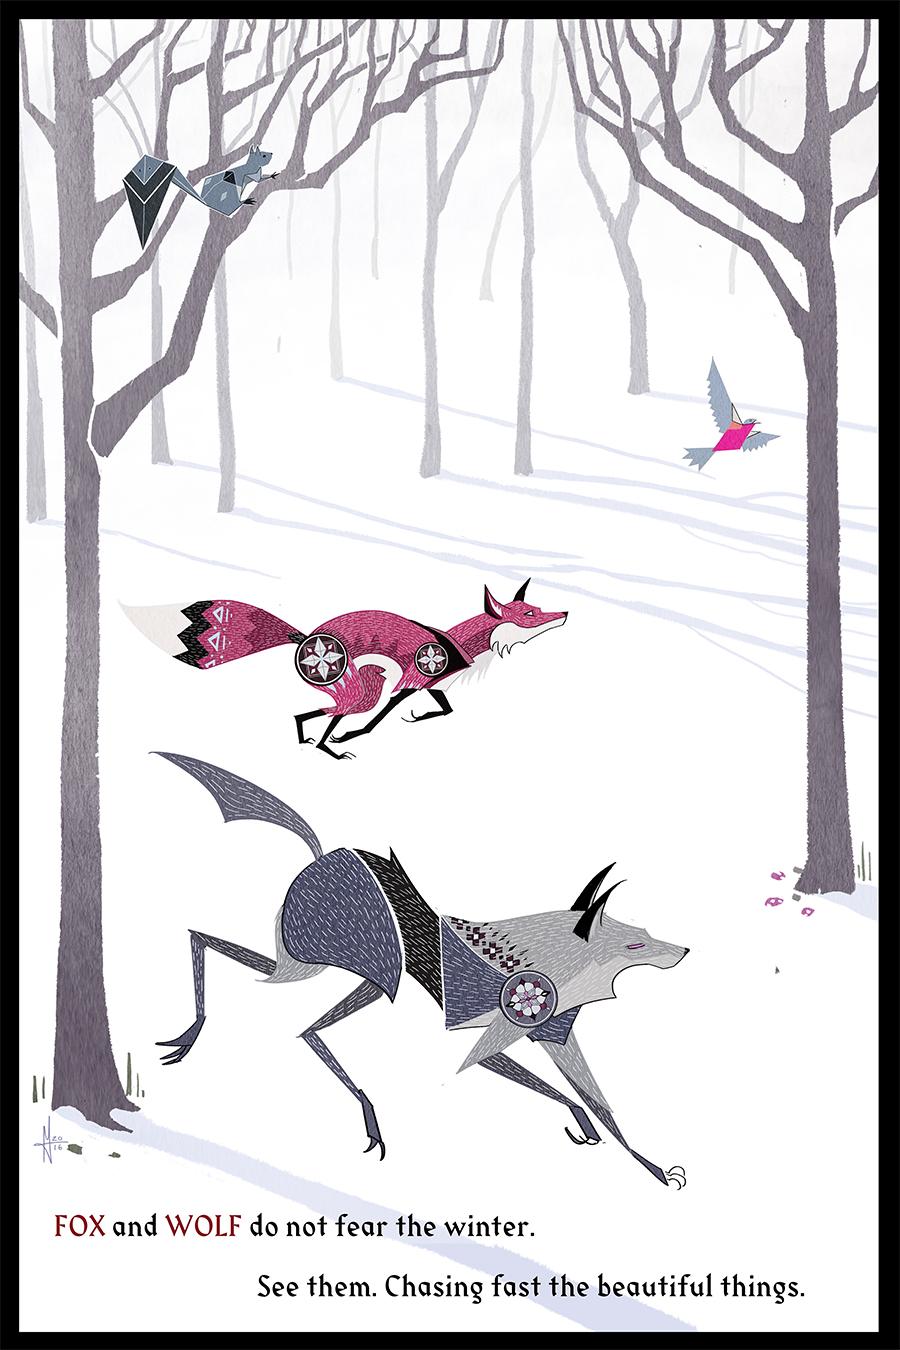 foxnwolf1.jpg